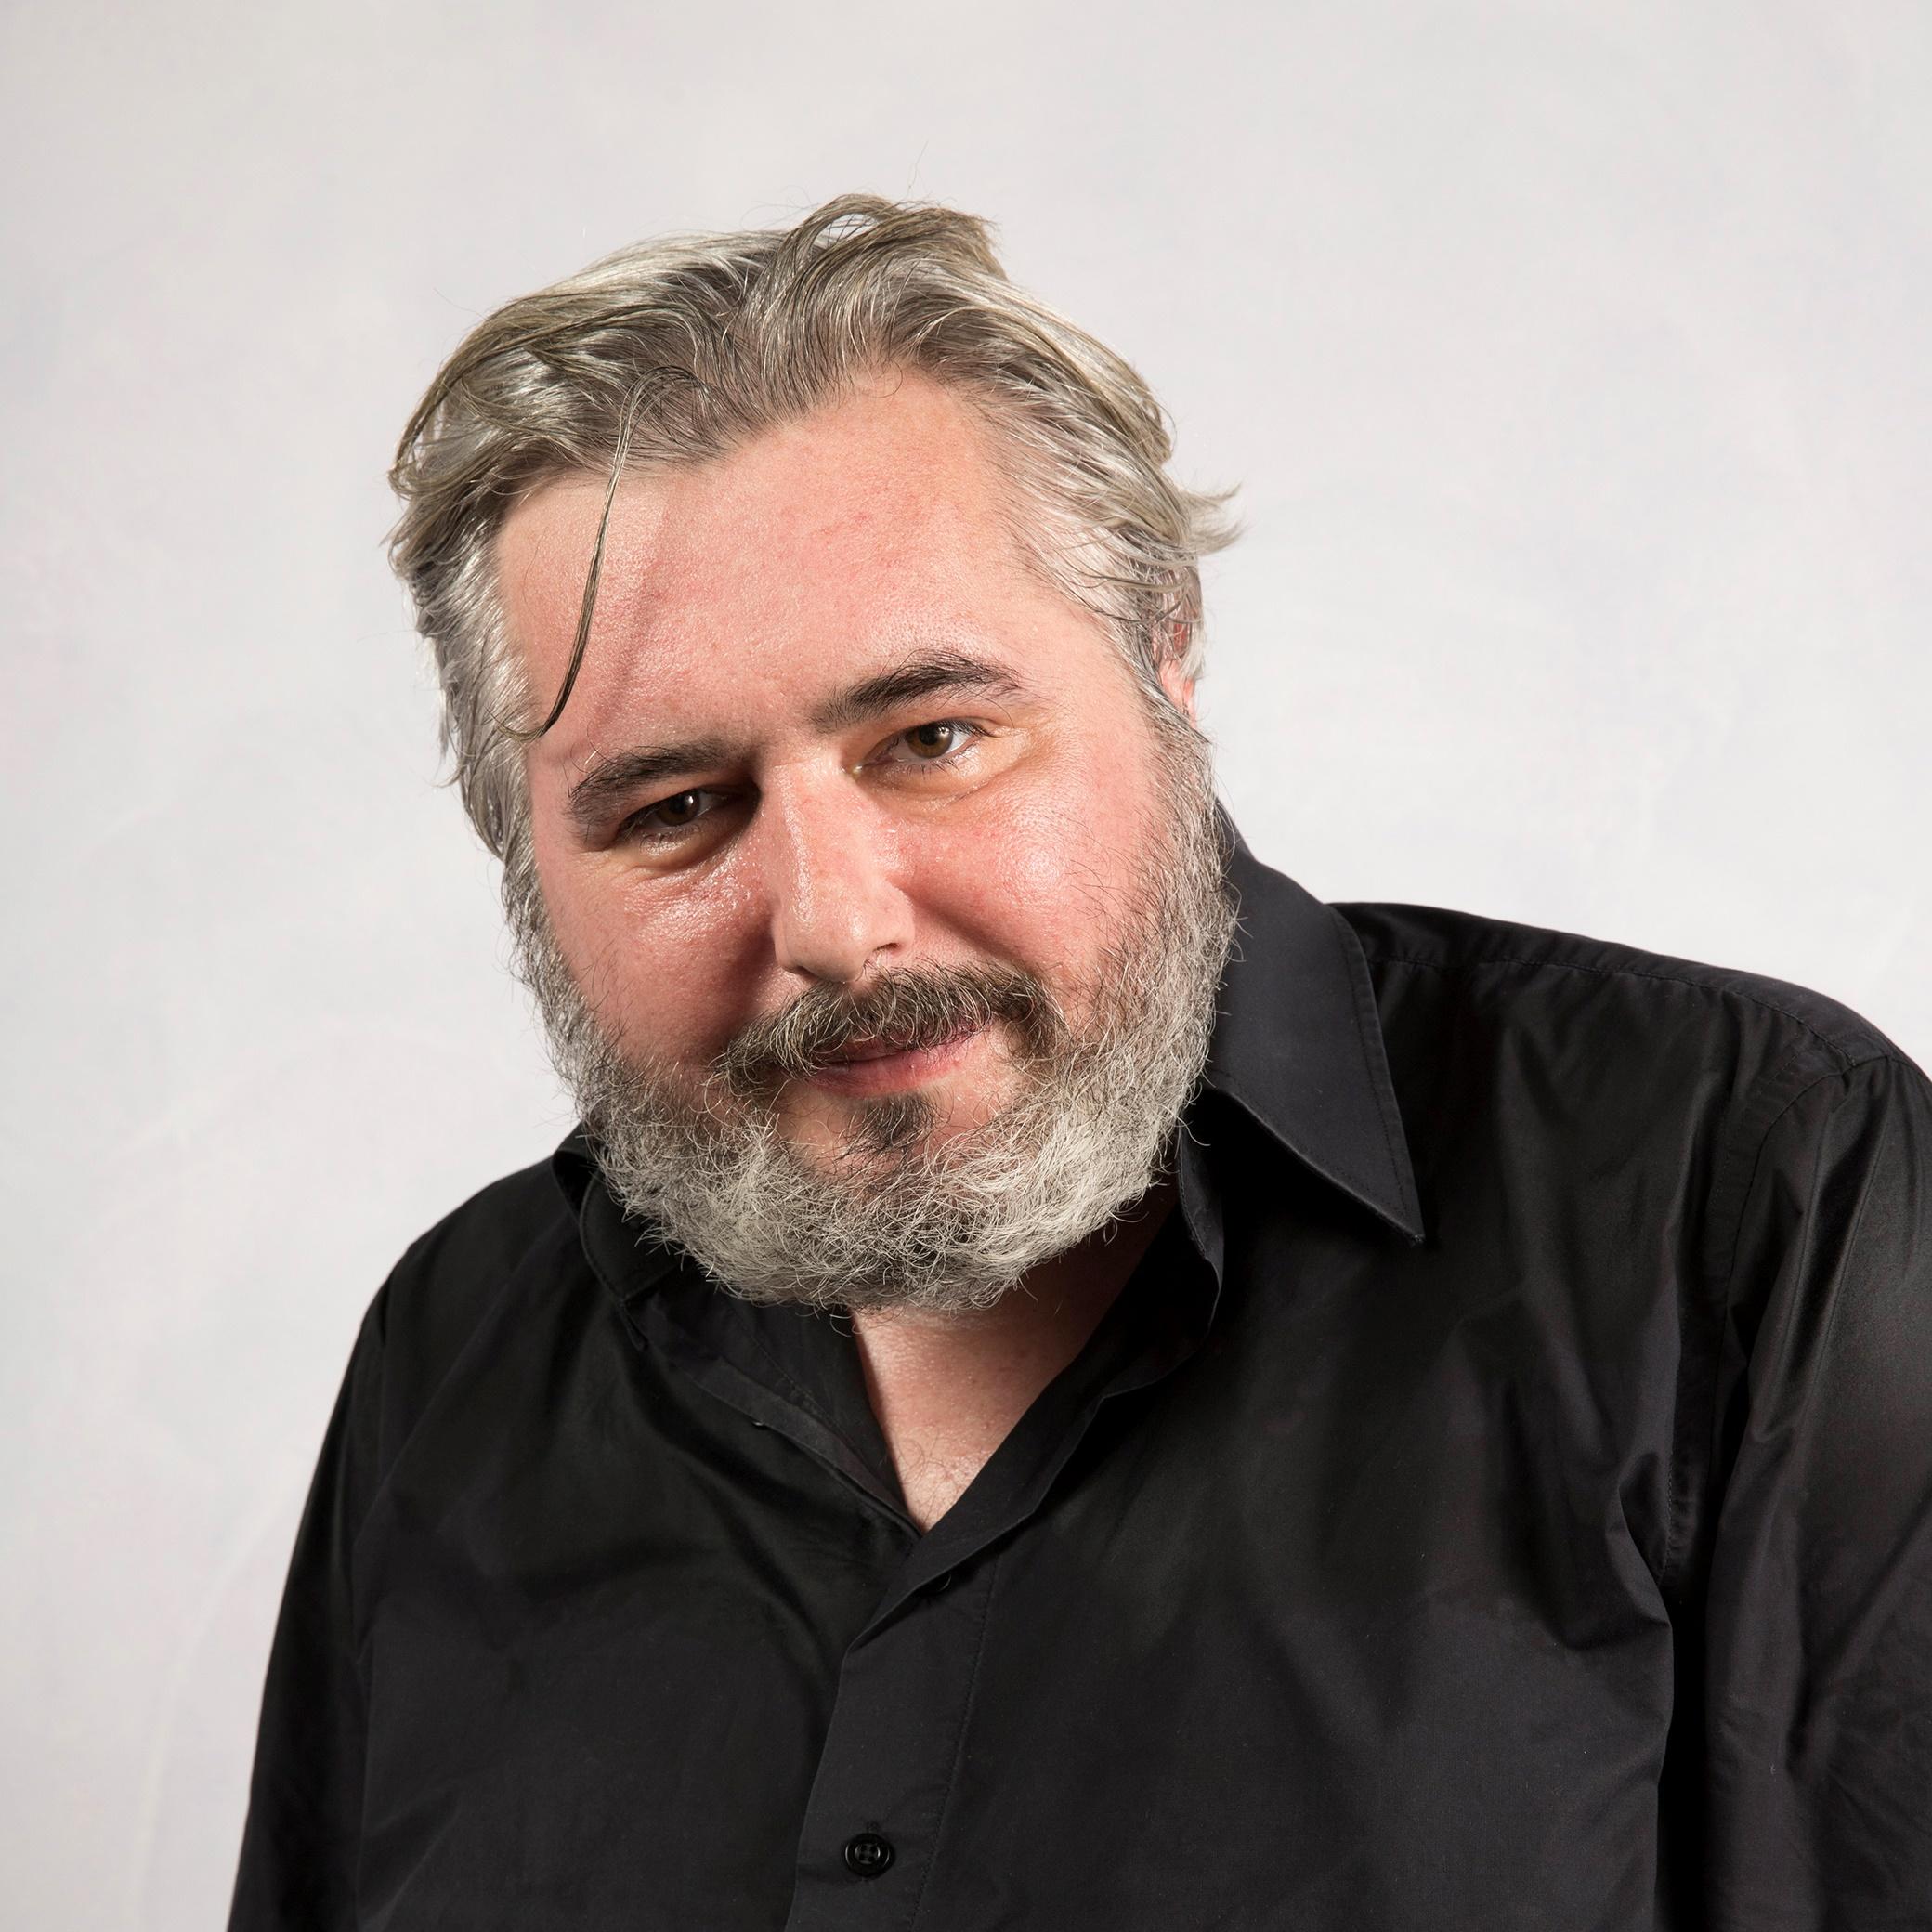 Portrait de Nicolas REY - auteur présent au Salon du Livre de Royat-Chamalières 2019